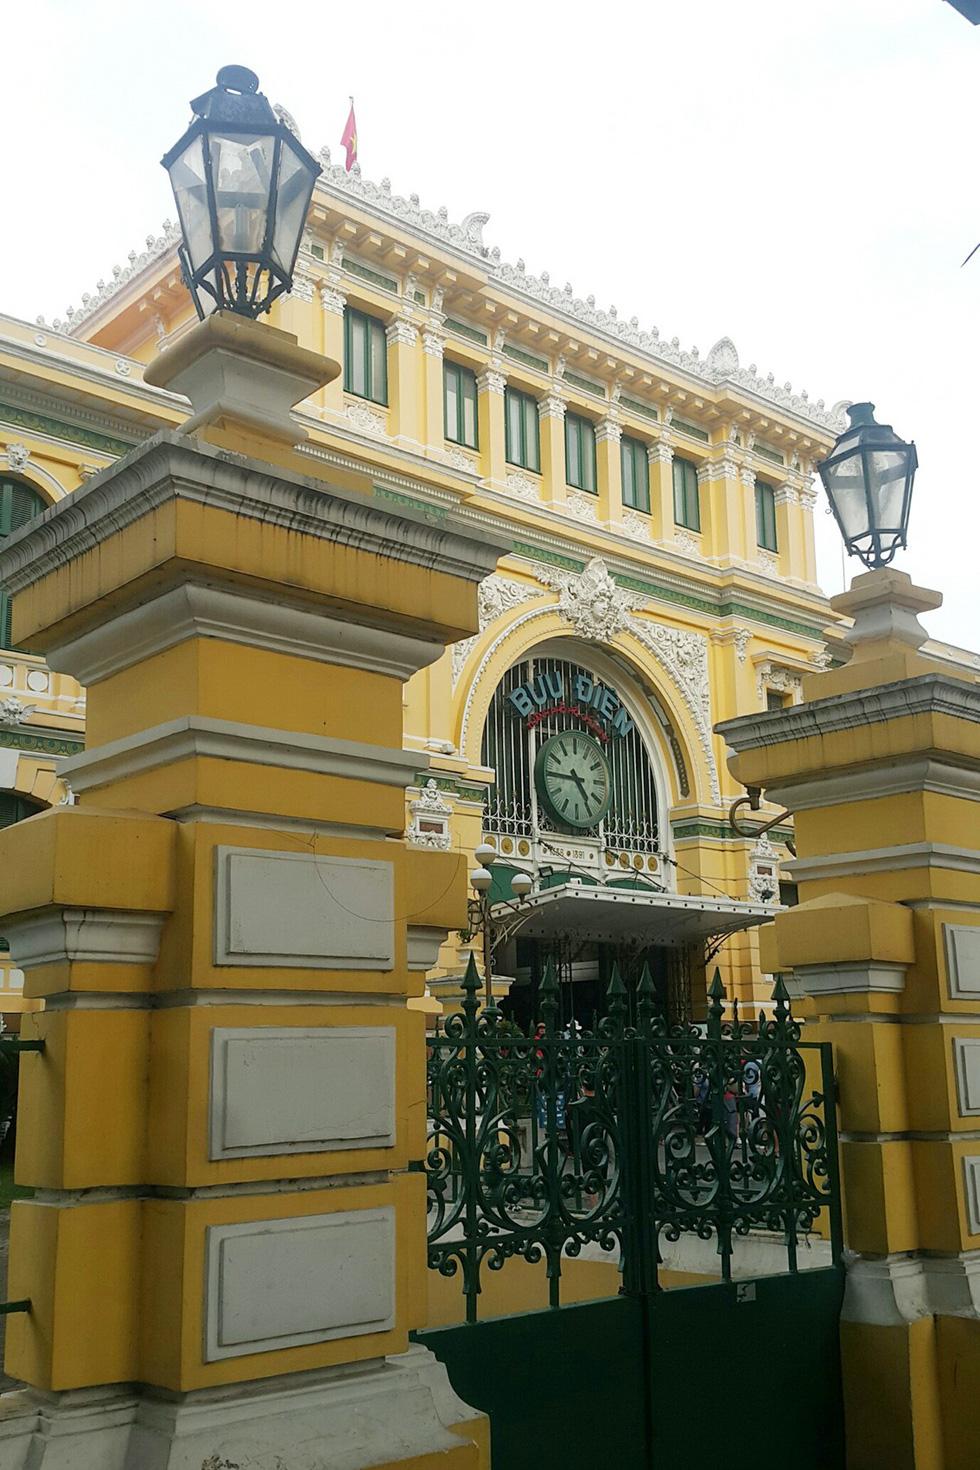 Di sản của Sài Gòn xưa cần giữ lại trước khi nó biến mất - Ảnh 5.